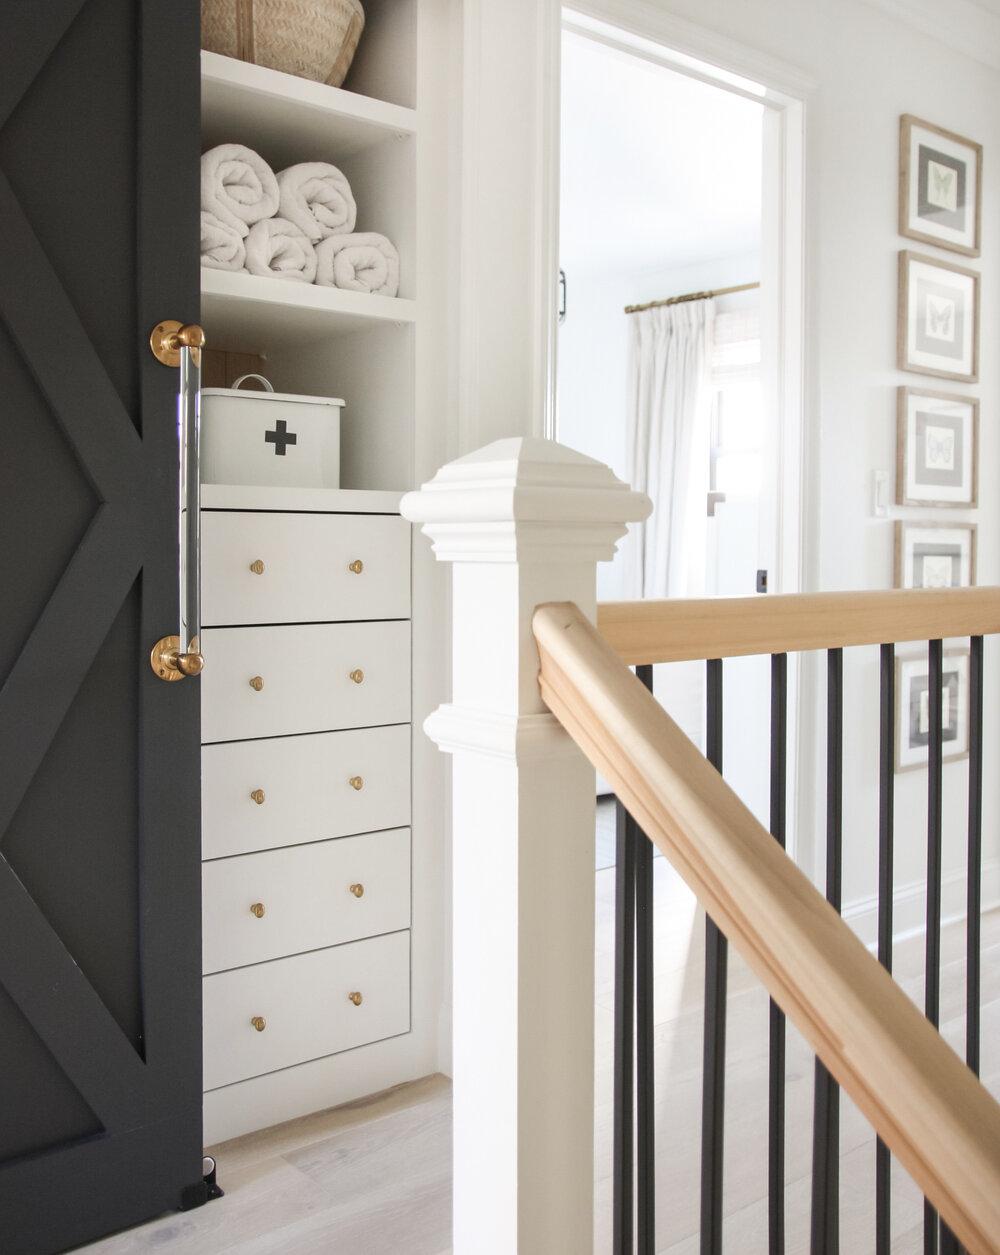 IKEA Pax Hack Linen Closet Tutorial — Blushing Boho